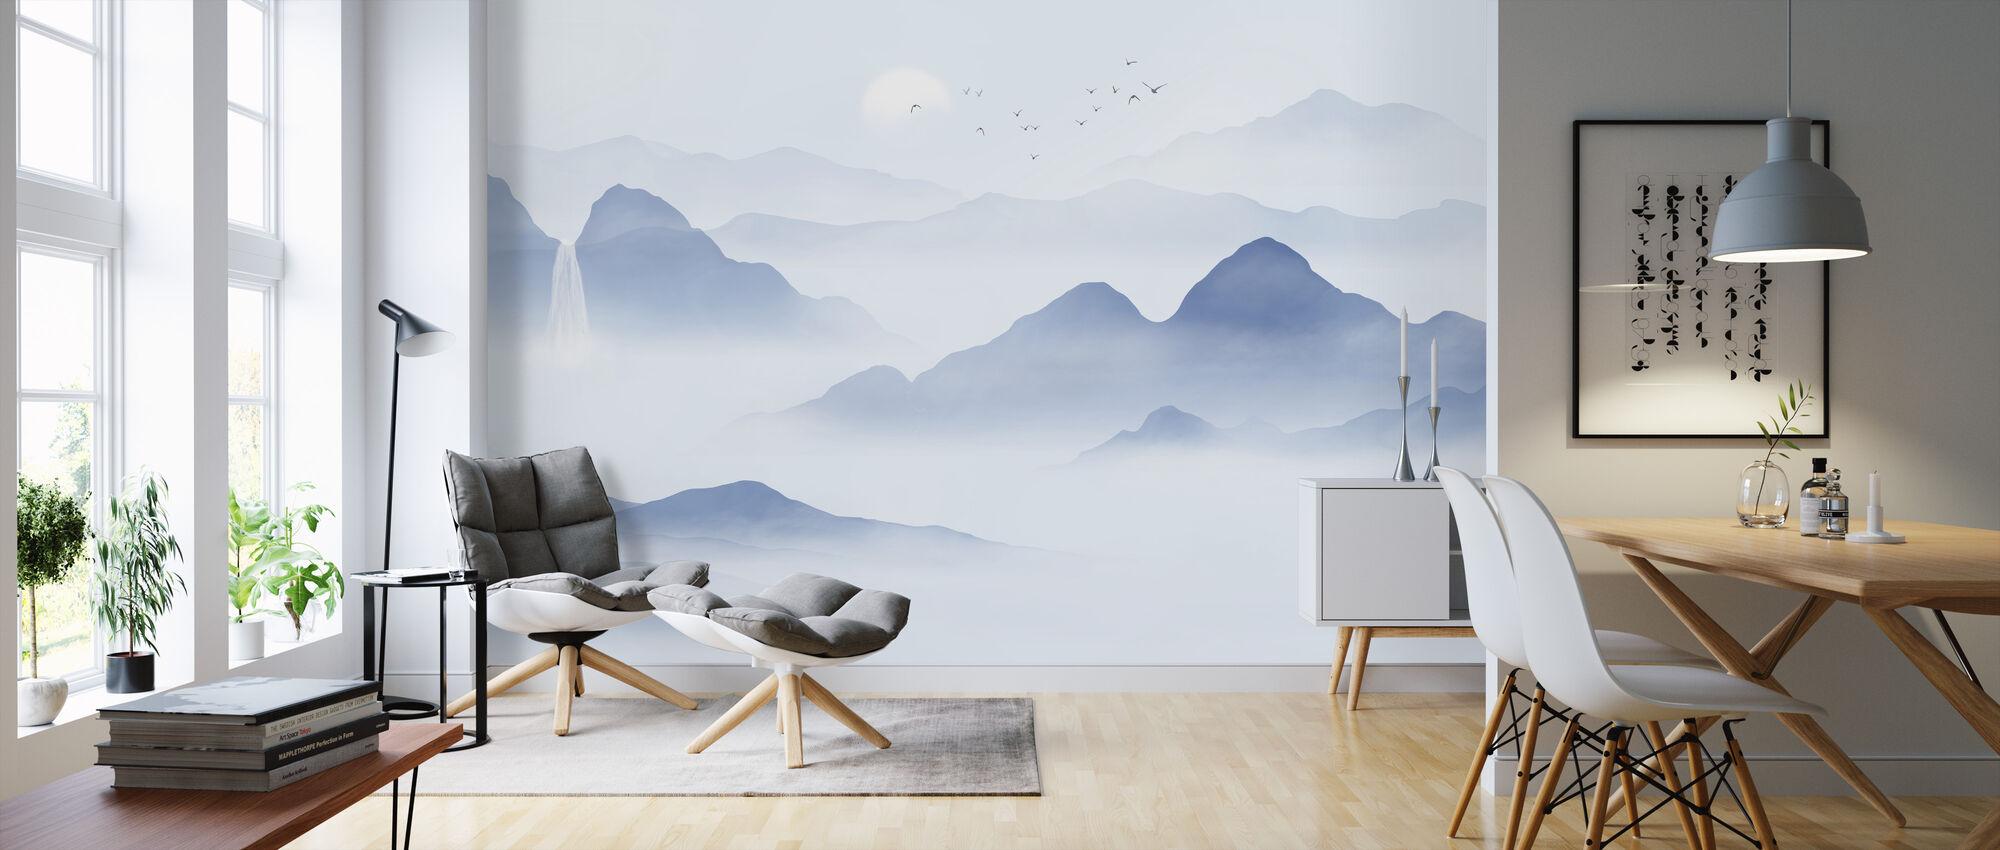 Dreamy utsikt - Tapet - Stue